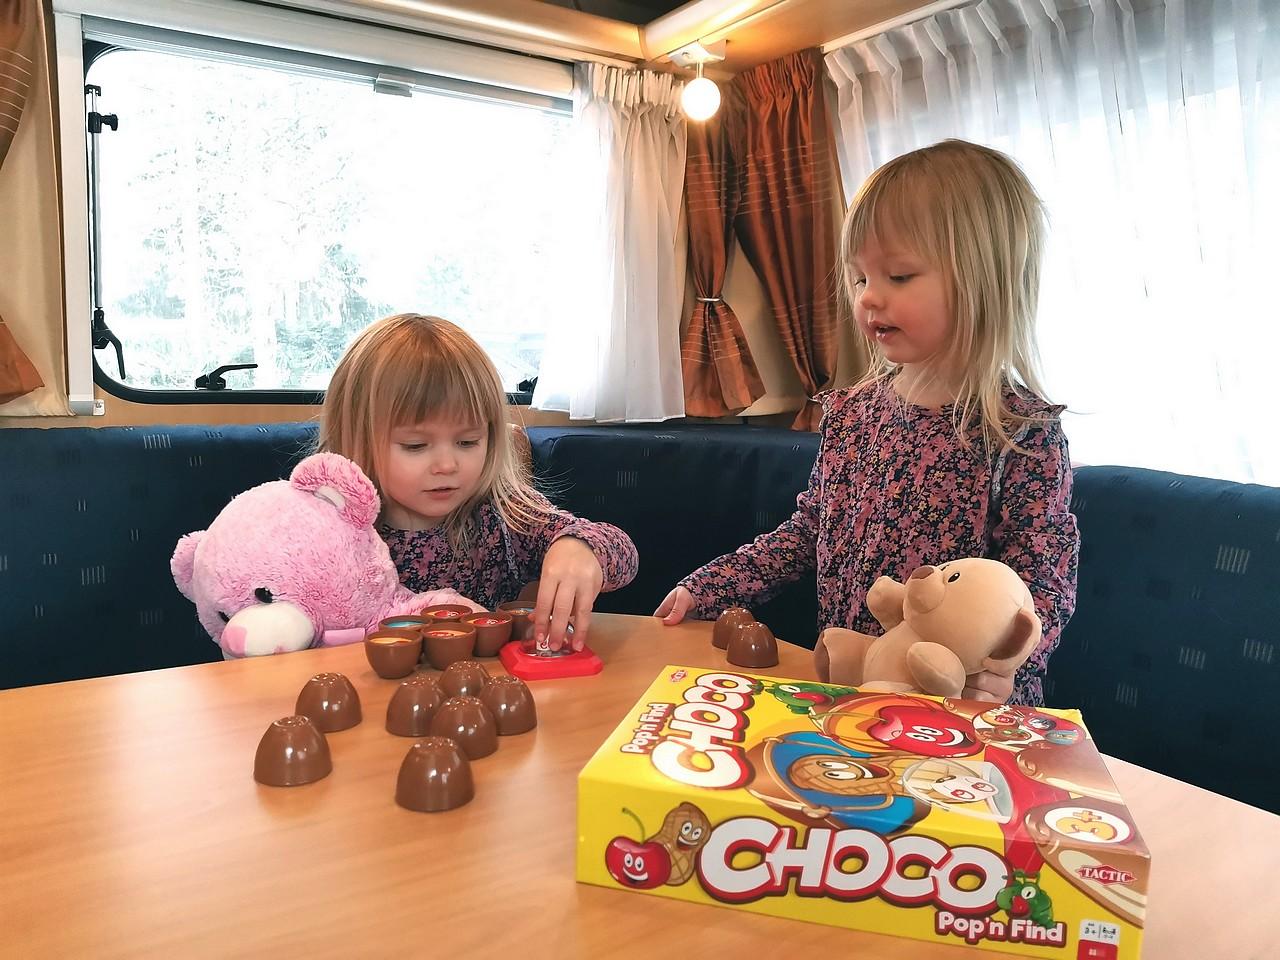 Perheen tytöt leikkivät asuntovaunun ruokapöydän ääressä.